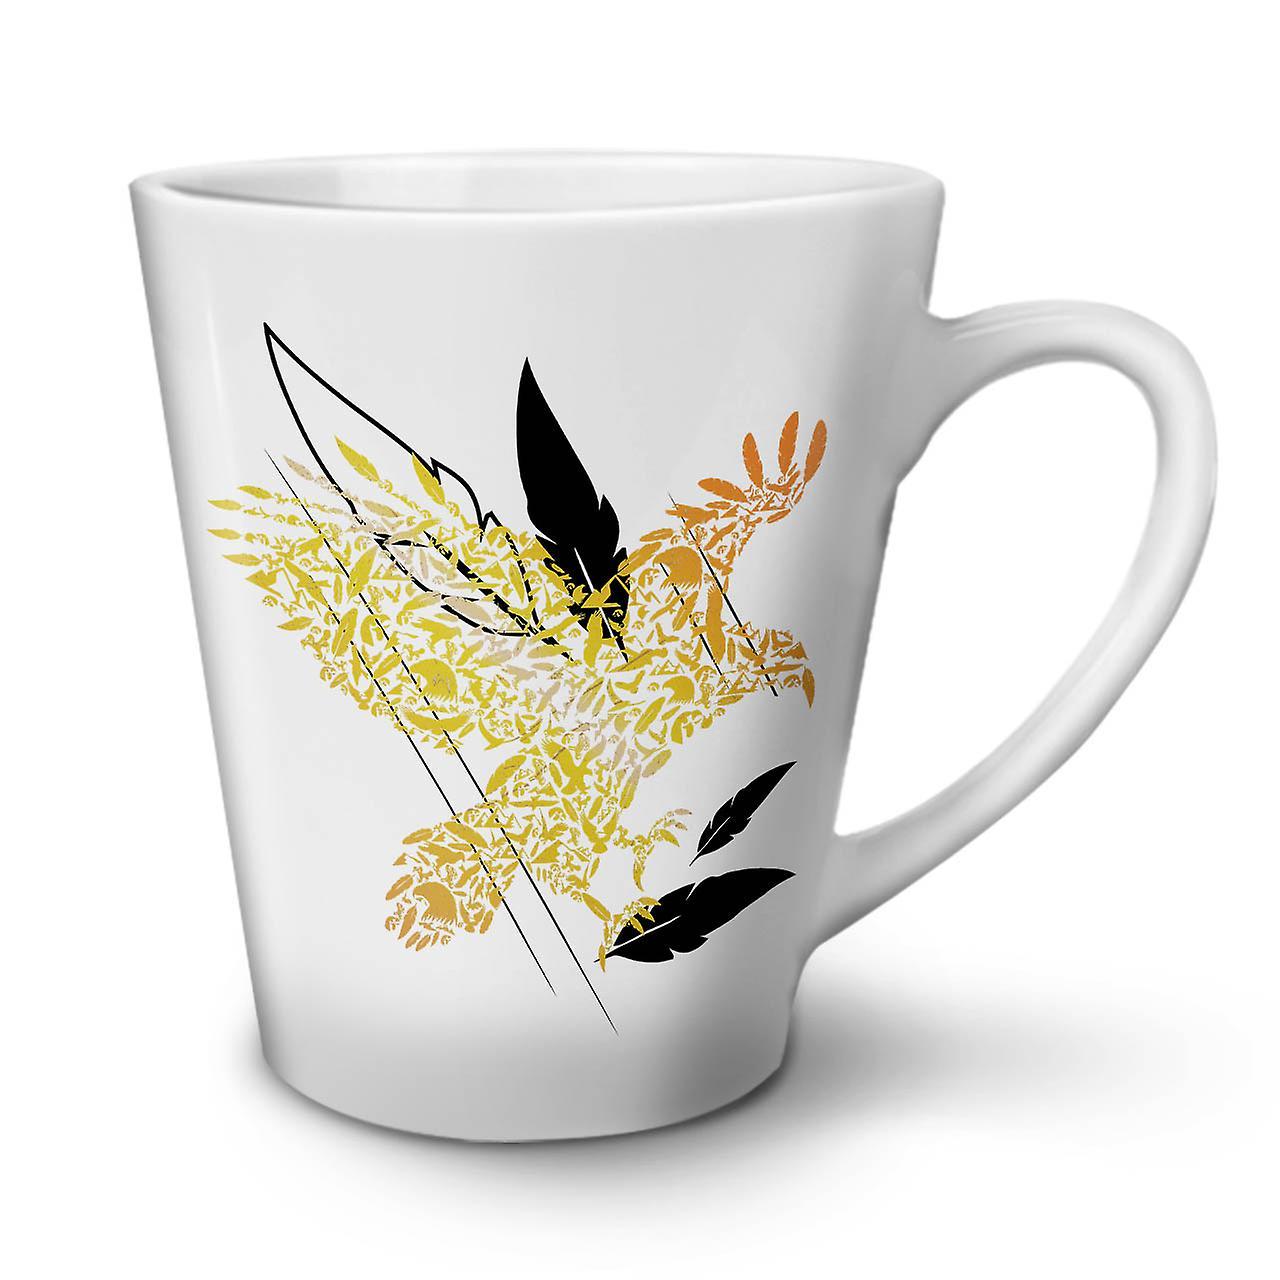 Céramique Plume D'oiseau Latte Nouvelle Tasse Nature Café OzWellcoda 12 Mouche En Blanche mn0wN8Ov